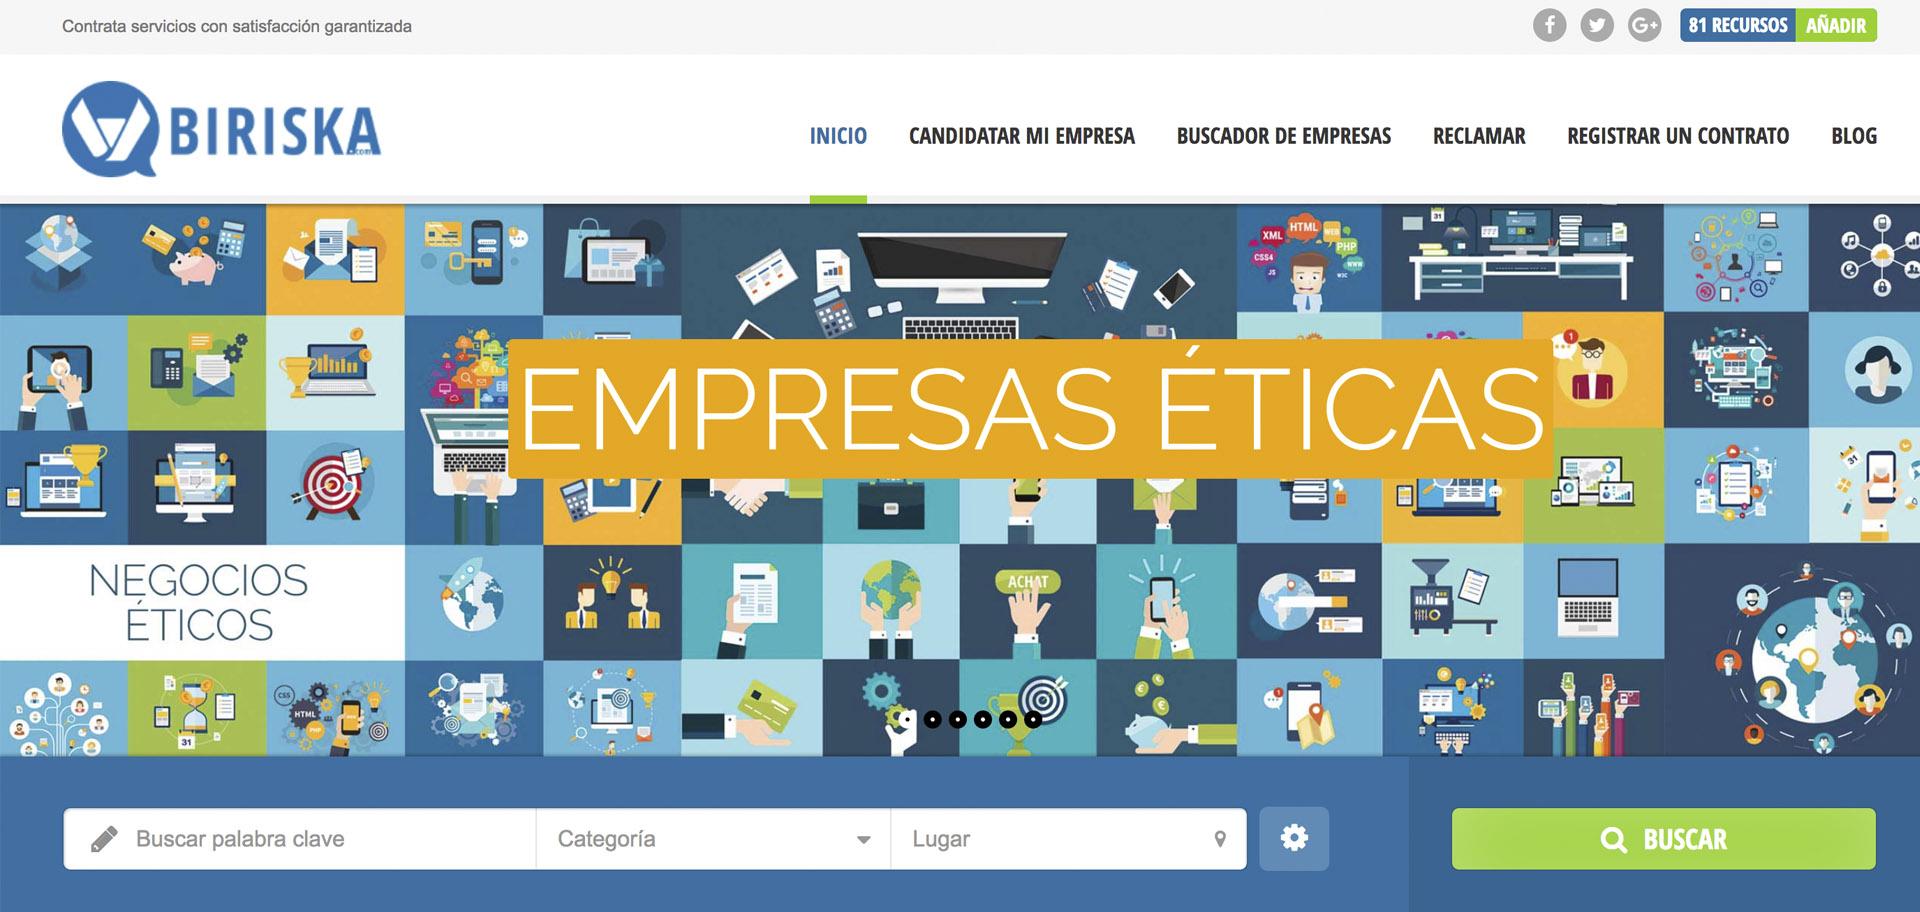 biriska diseñada por xeral.net nuevo modelo de negocio